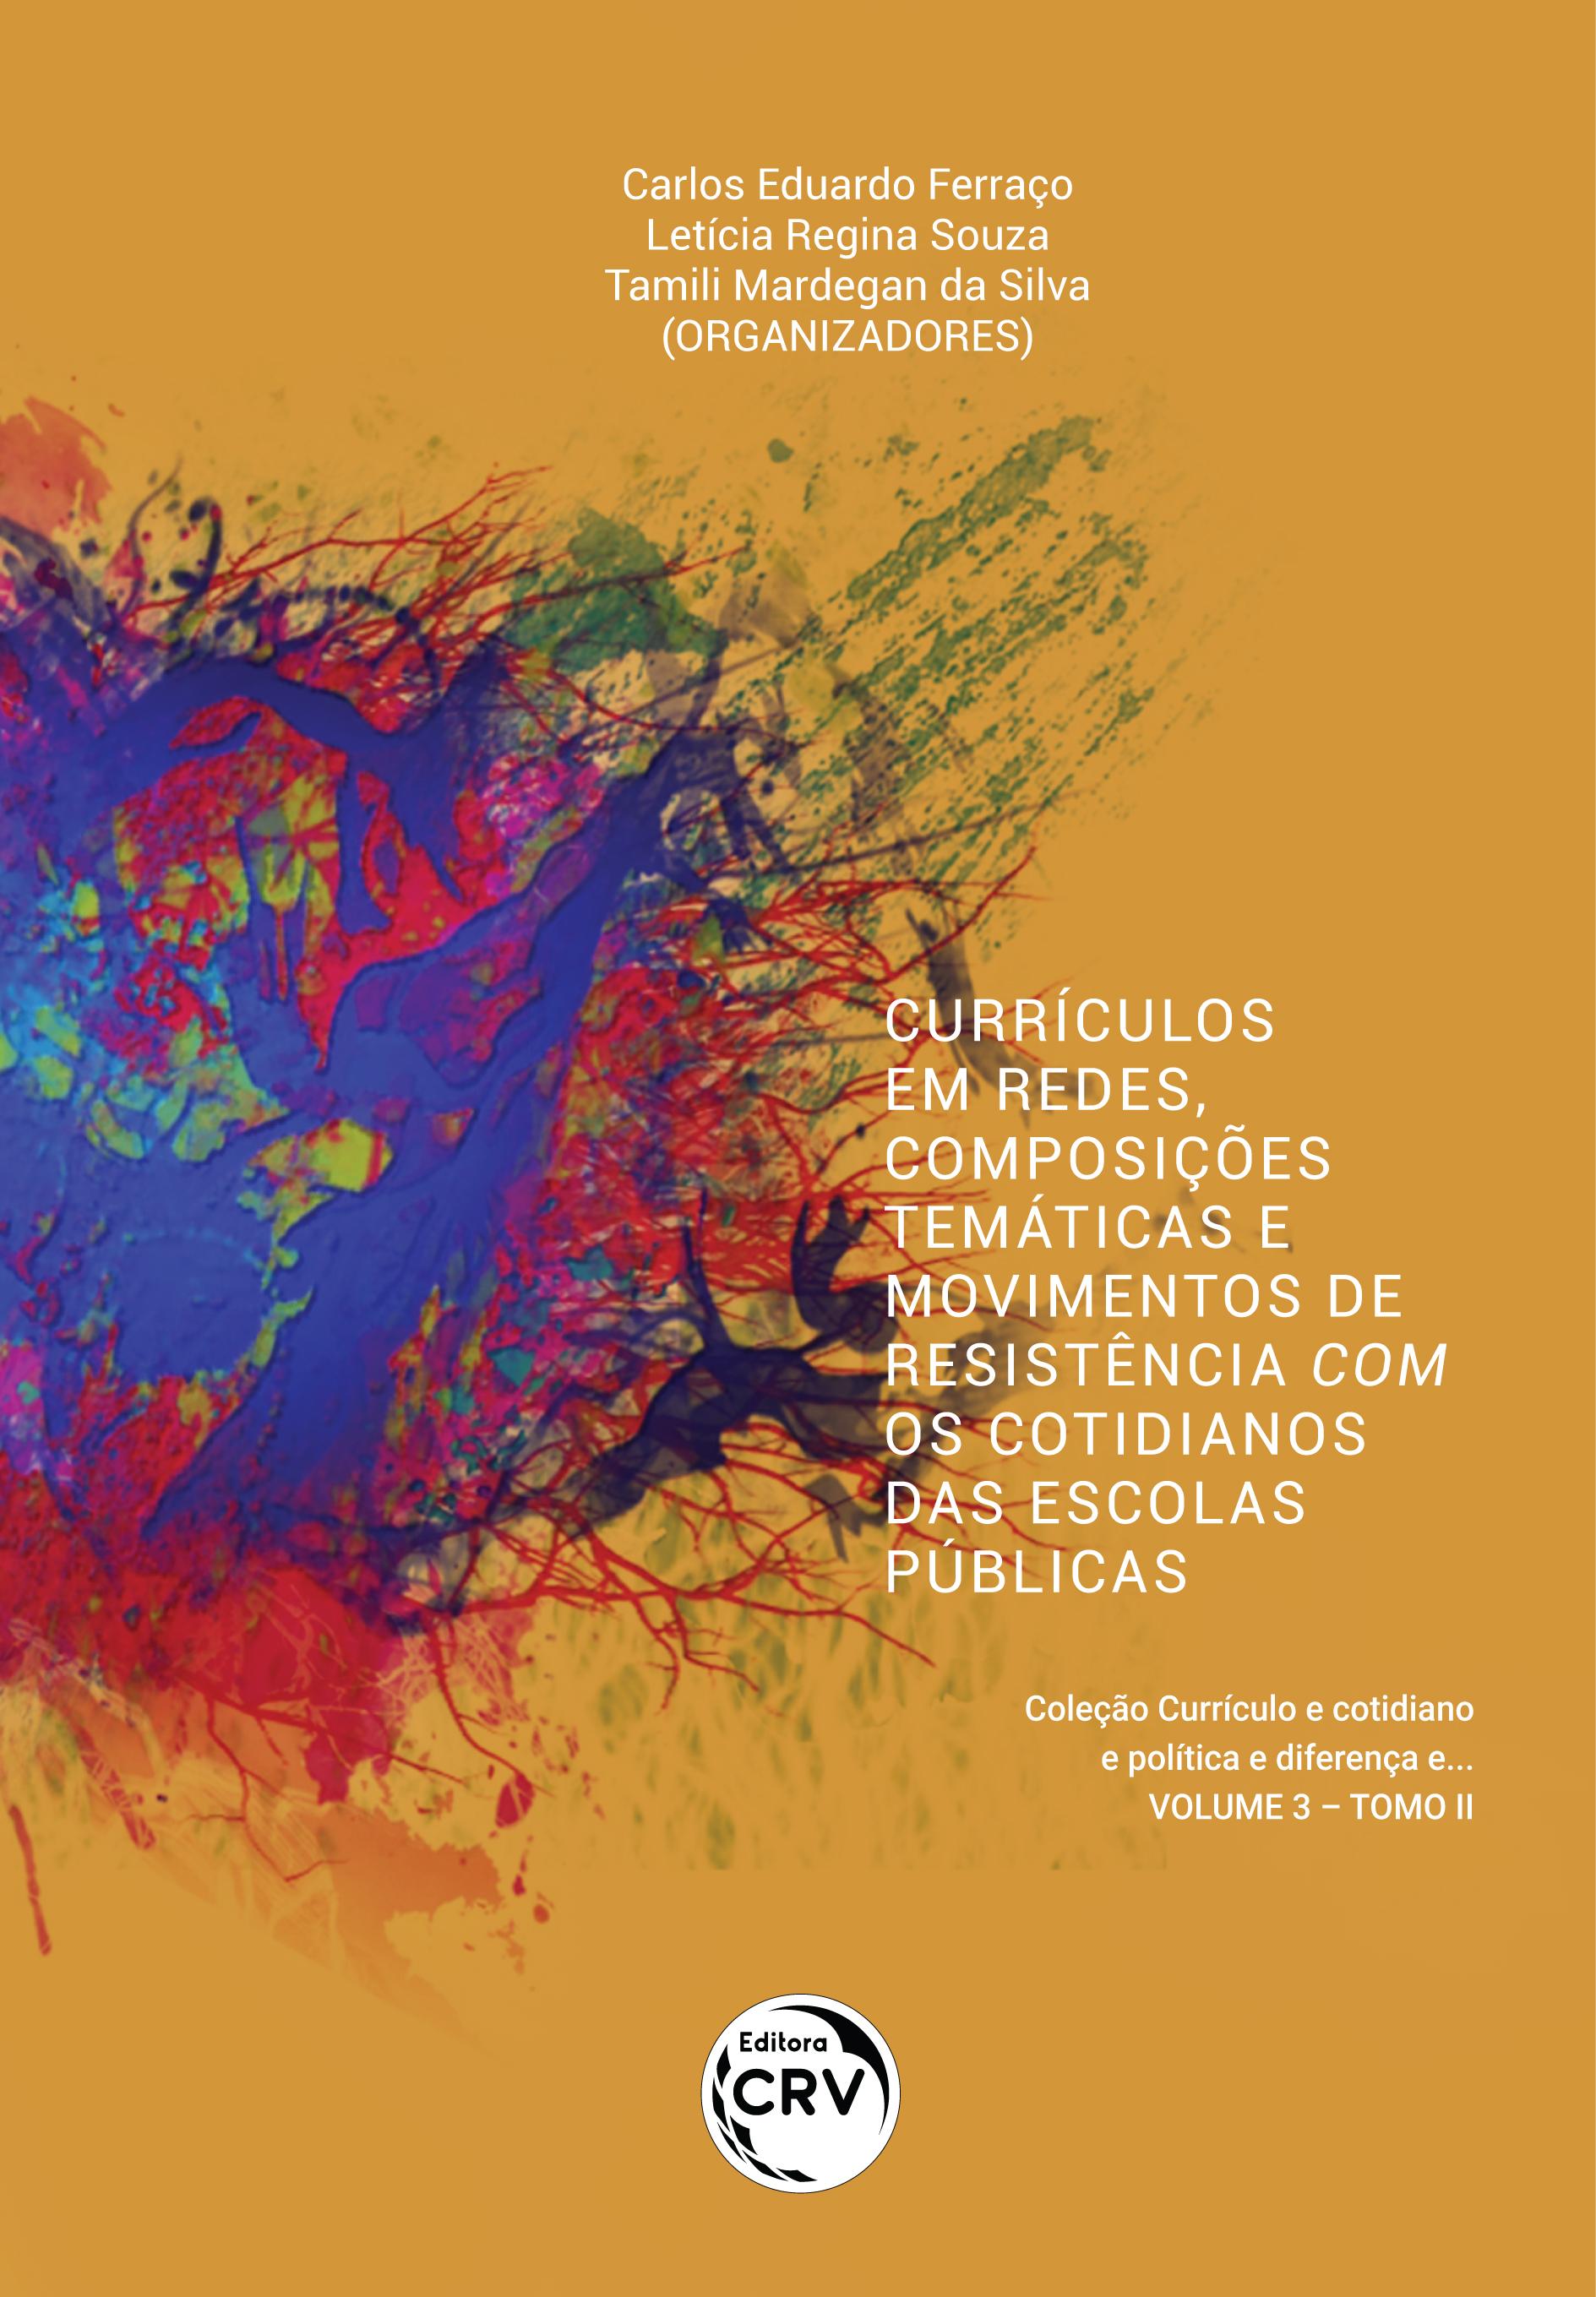 Capa do livro: CURRÍCULOS EM REDES, COMPOSIÇÕES TEMÁTICAS E MOVIMENTOS DE RESISTÊNCIA COM OS COTIDIANOS DAS ESCOLAS PÚBLICAS <br><br>Coleção Currículo e cotidiano e política e diferença e... <br>Volume 3 – Tomo II